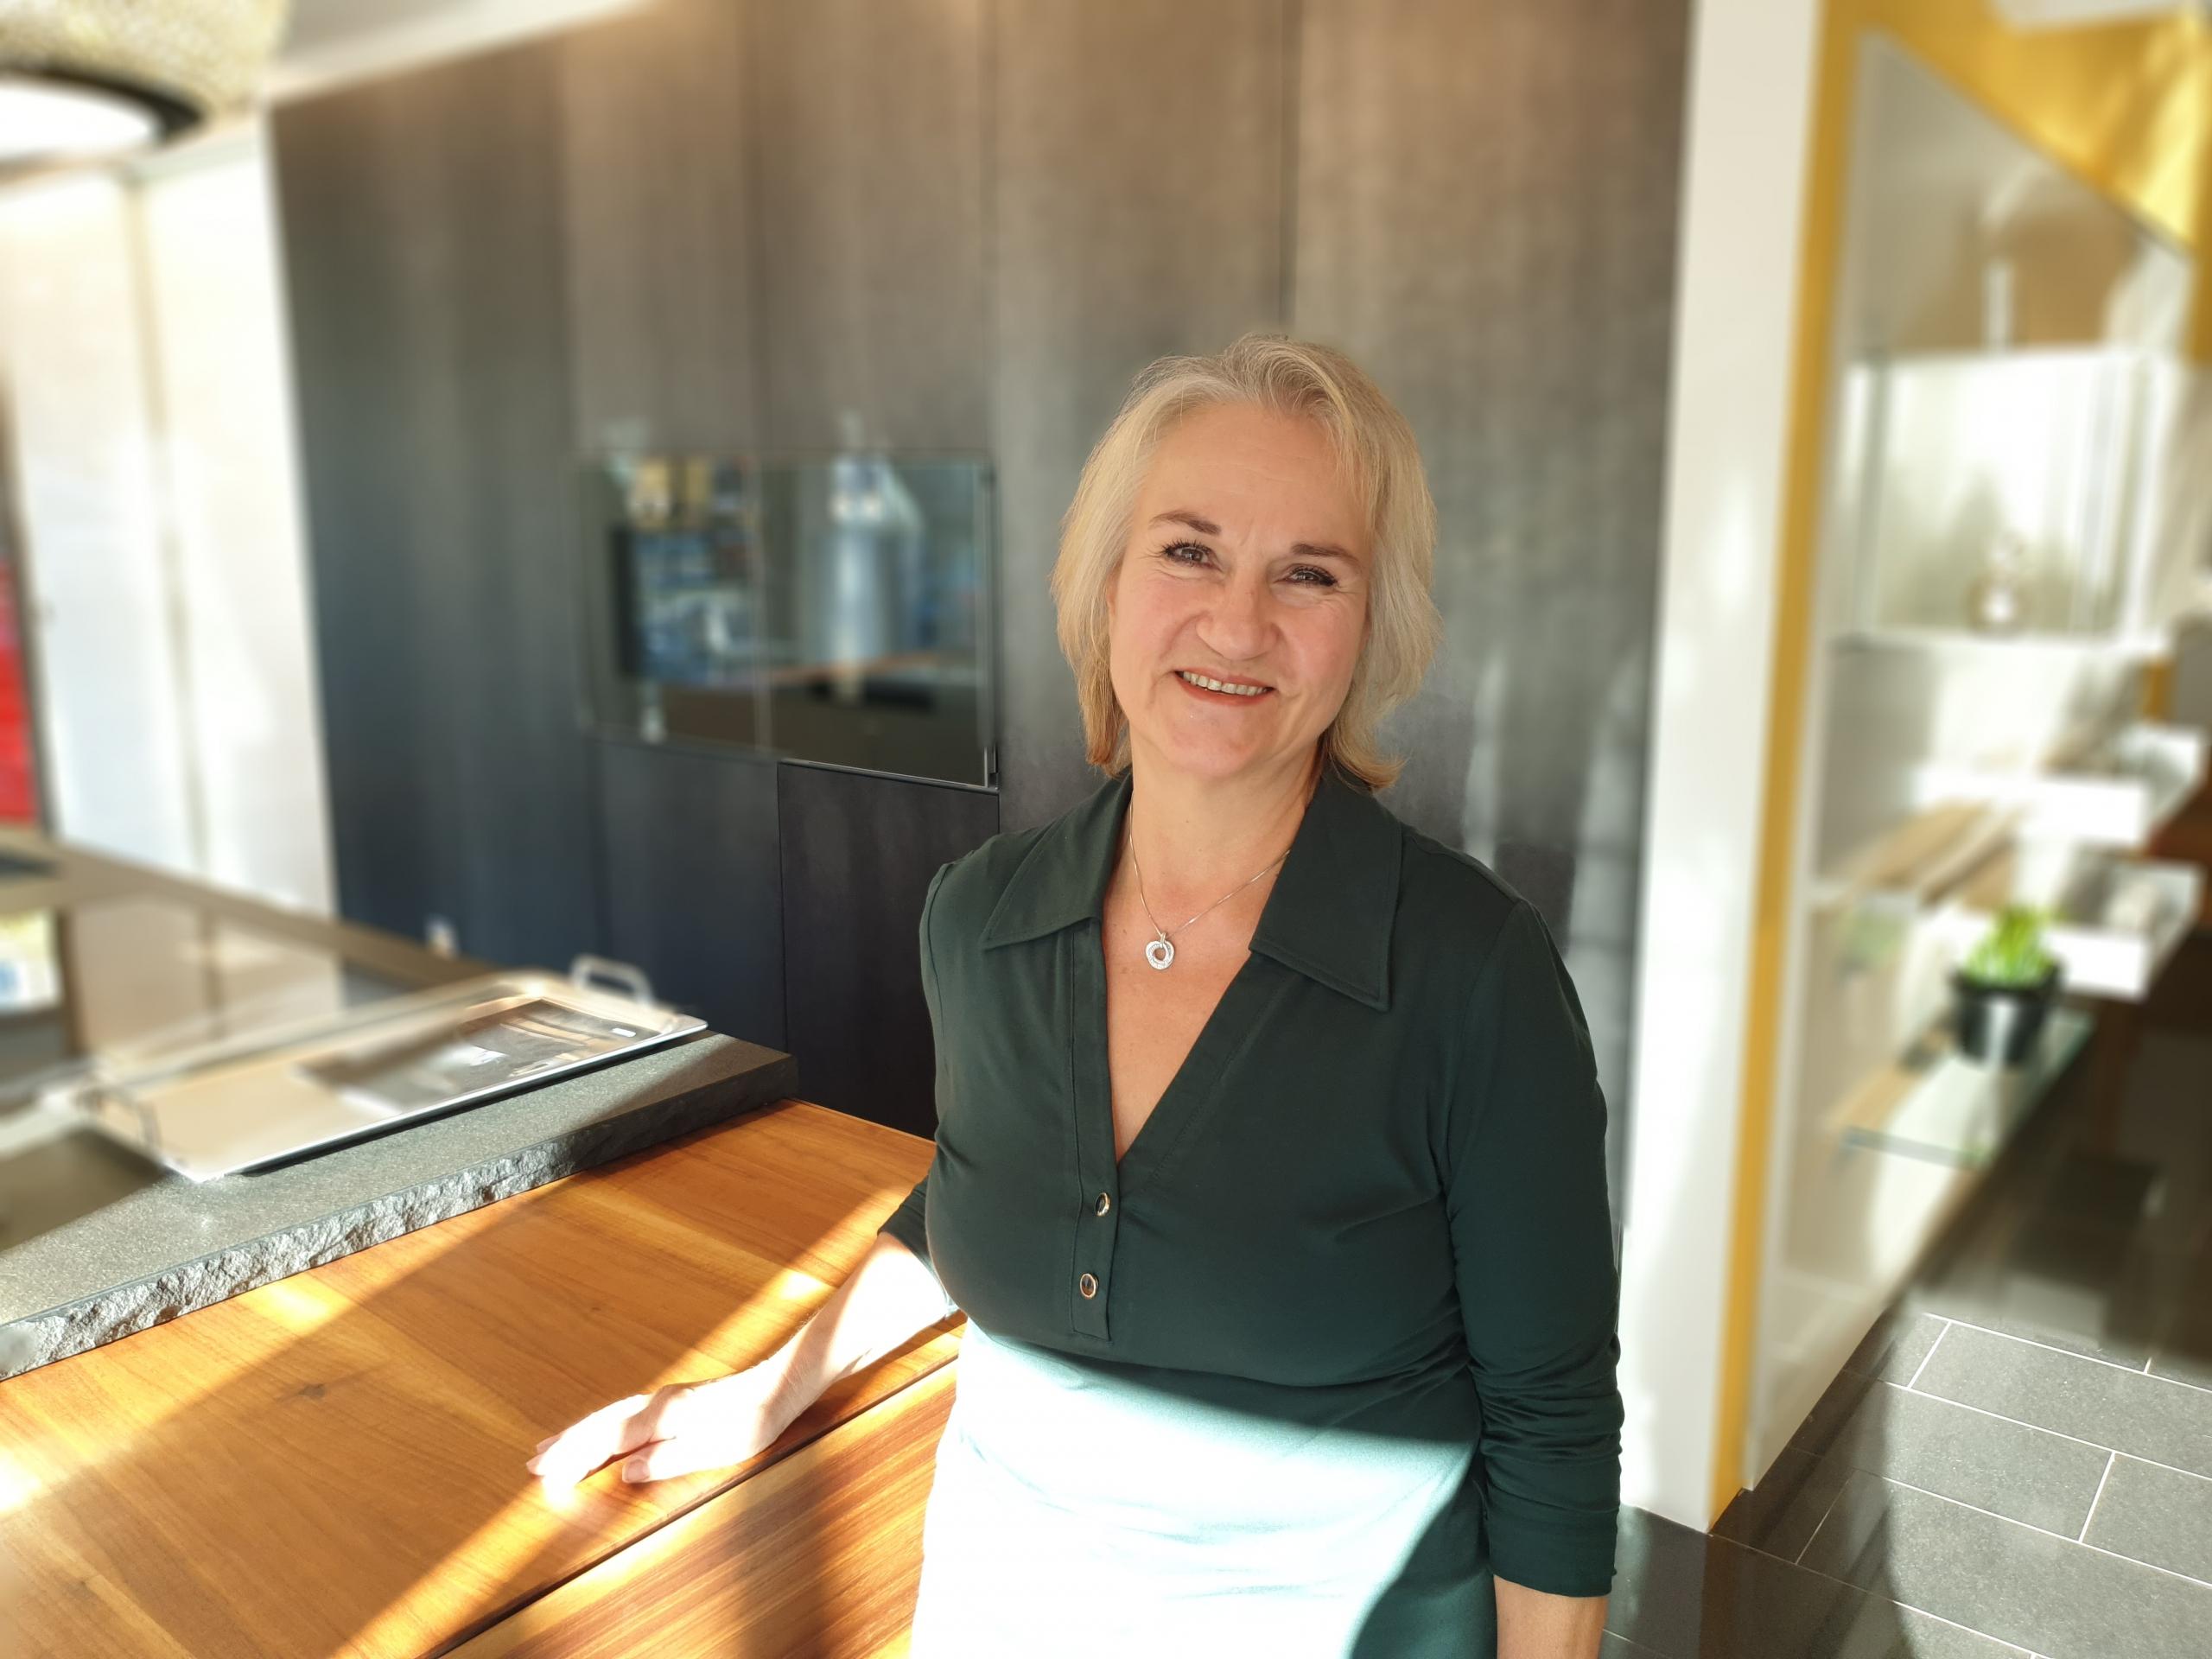 Christine Herweck